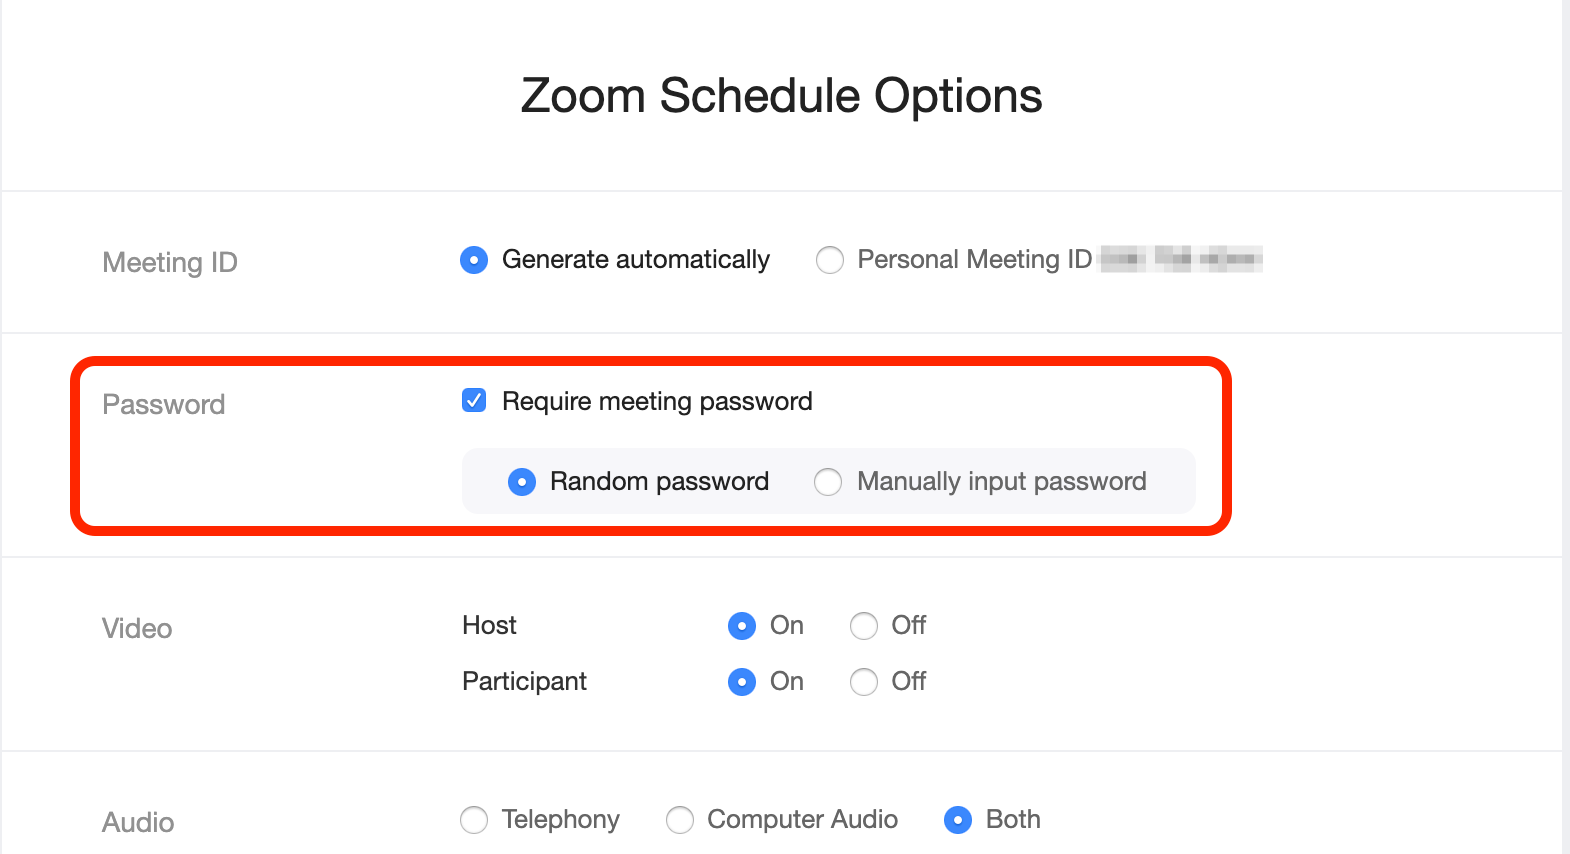 screenshot of Zoom Scheduler - indicate Require Meeting Password